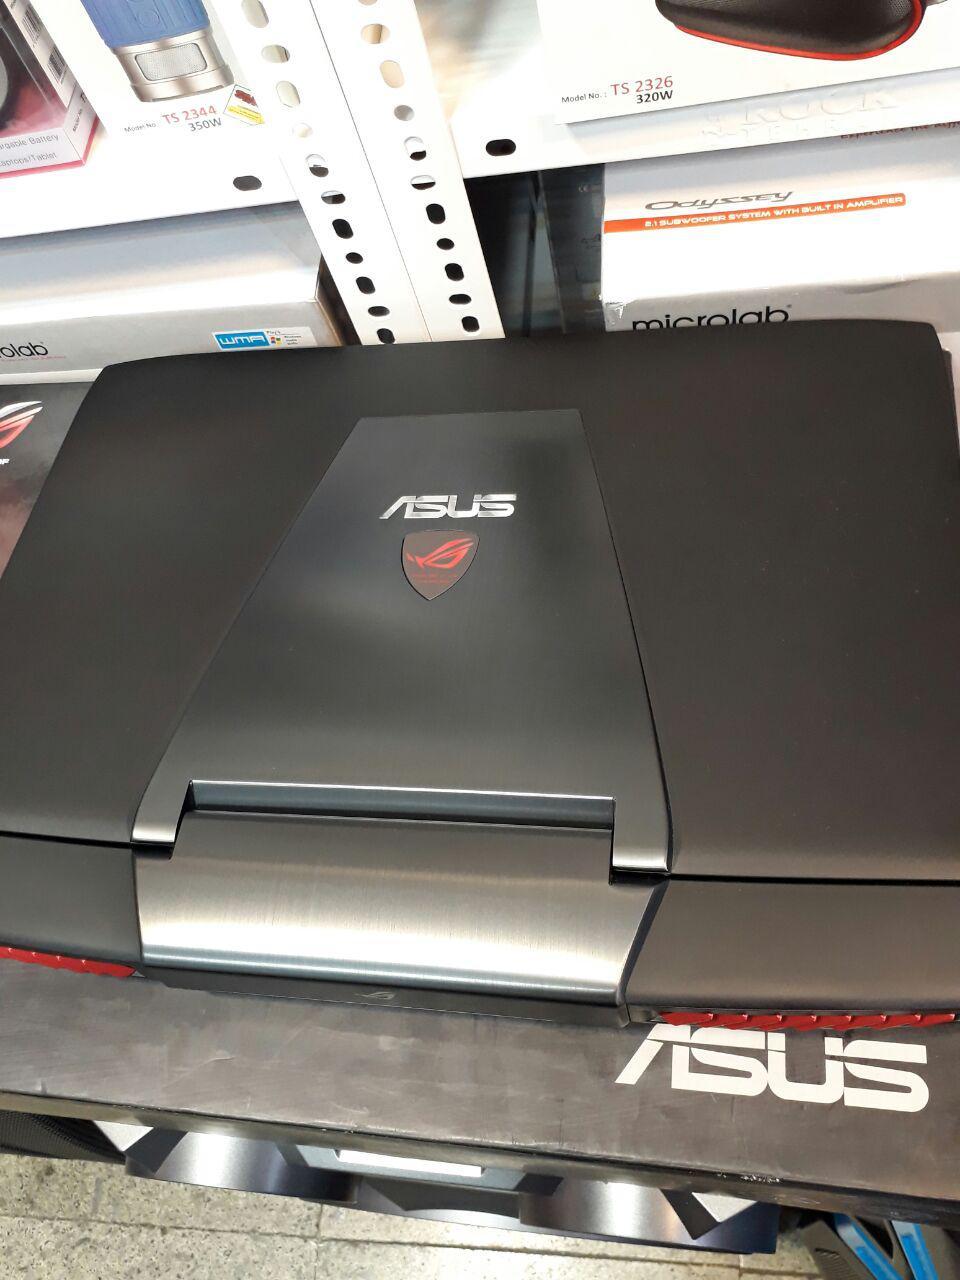 لپ تاپ دست دوم ایسوس مدل g751j